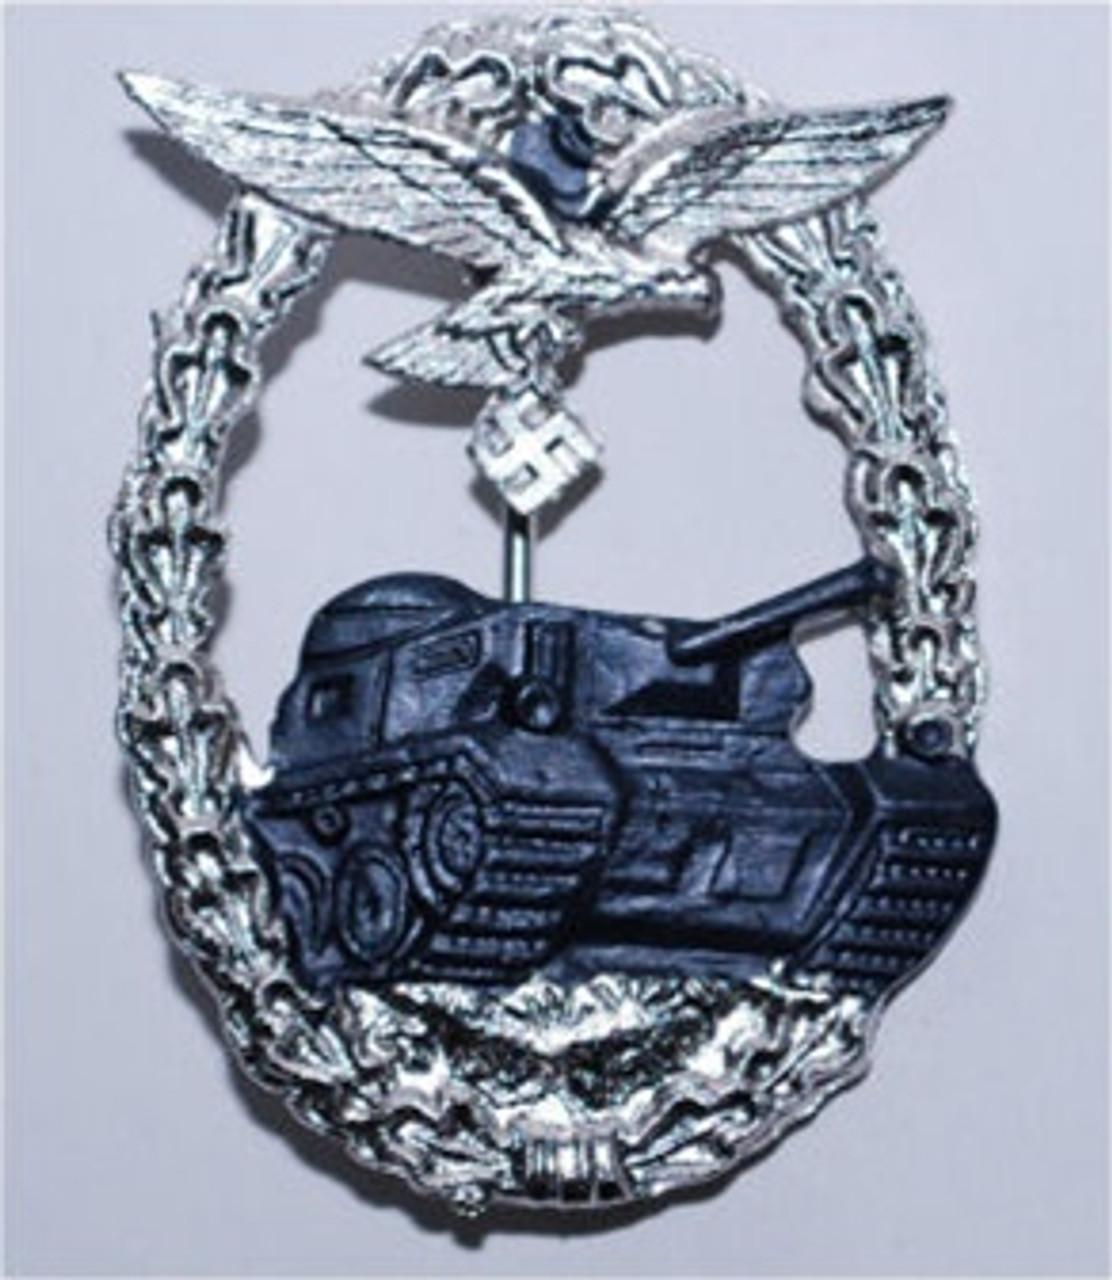 Luftwaffe Ground Panzer Assault Badge (Panzerkampfabzeichen) from Hessen Antique